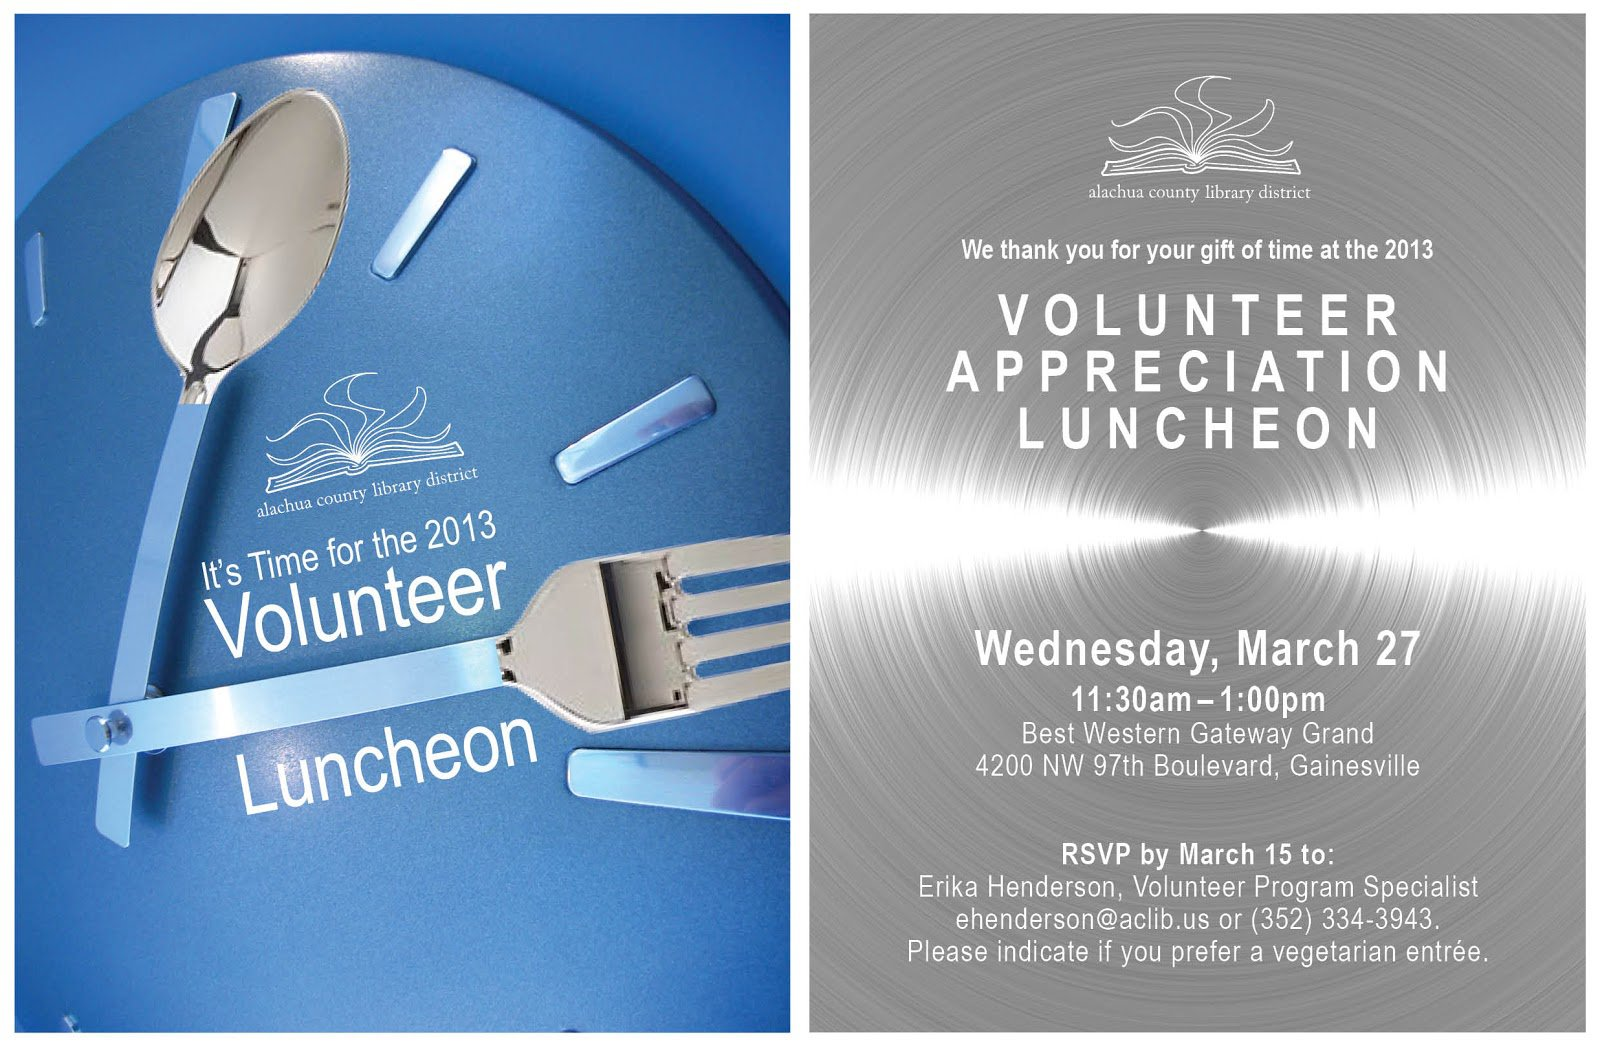 Volunteer Appreciation Luncheon Invitation